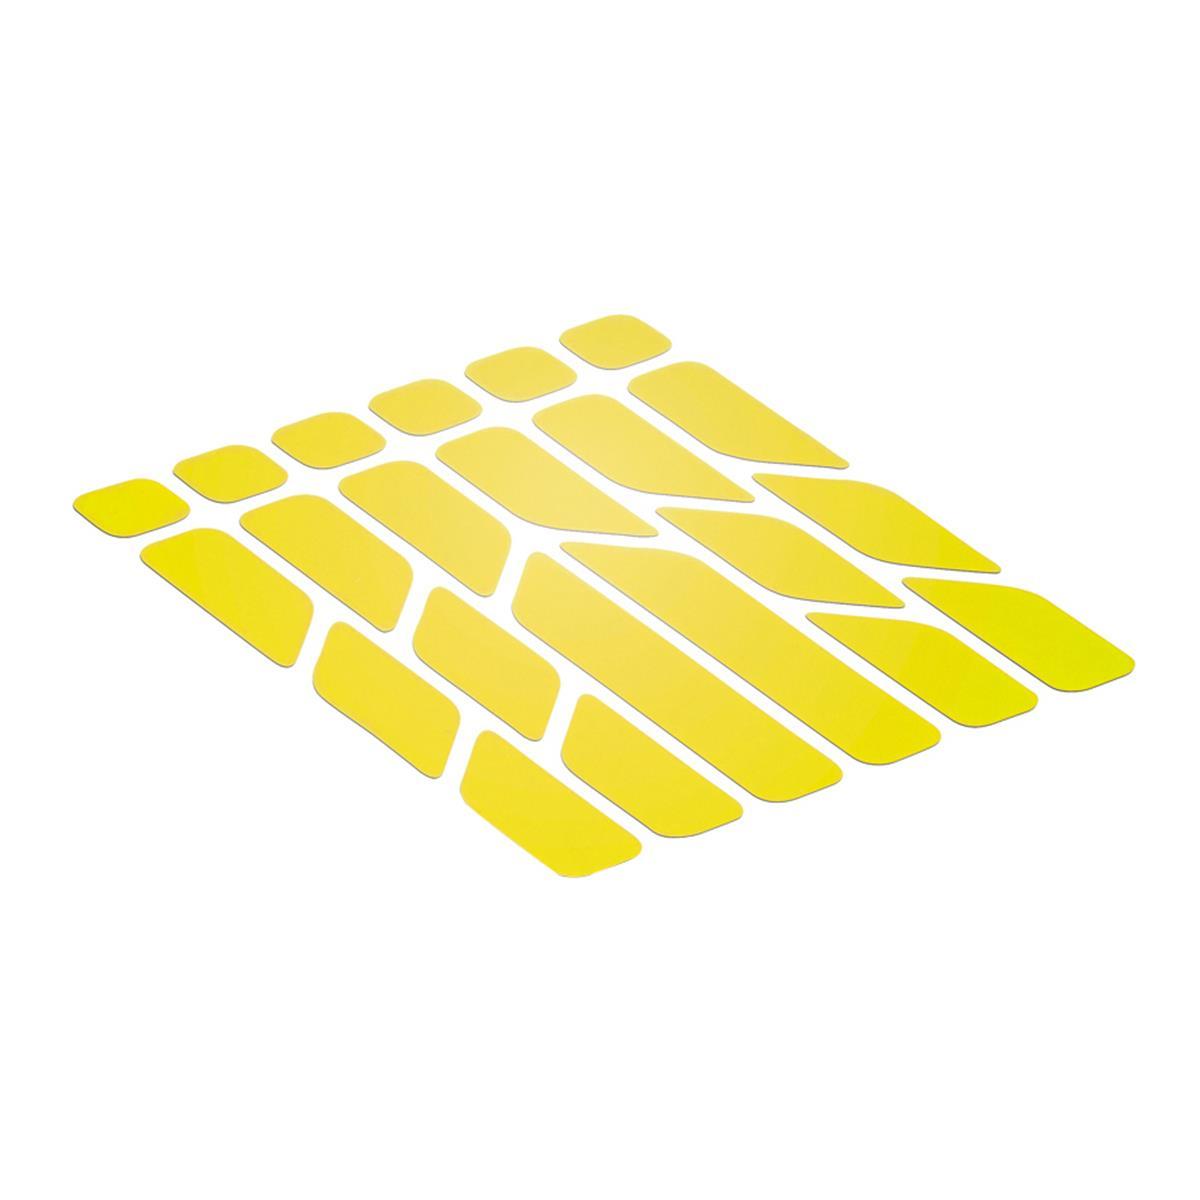 Riesel Design Sticker Reflex Reflektierend, Gelb